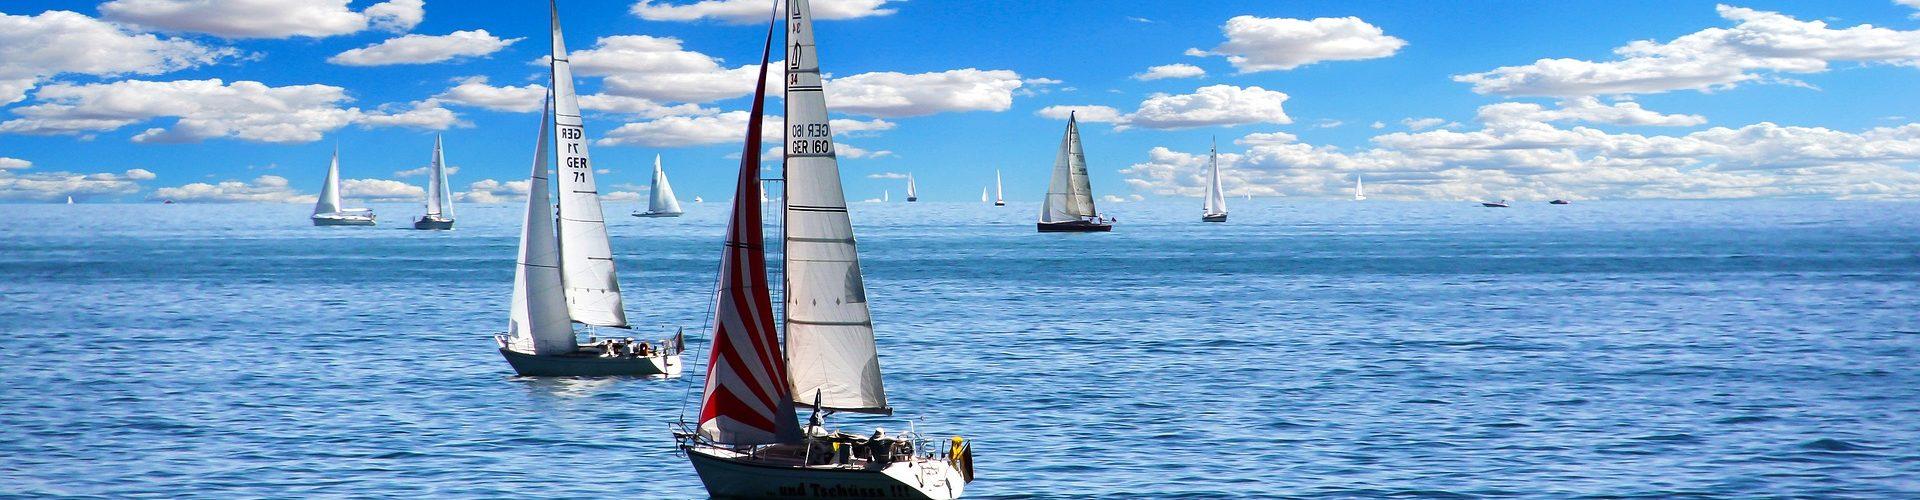 segeln lernen in Wipfeld segelschein machen in Wipfeld 1920x500 - Segeln lernen in Wipfeld